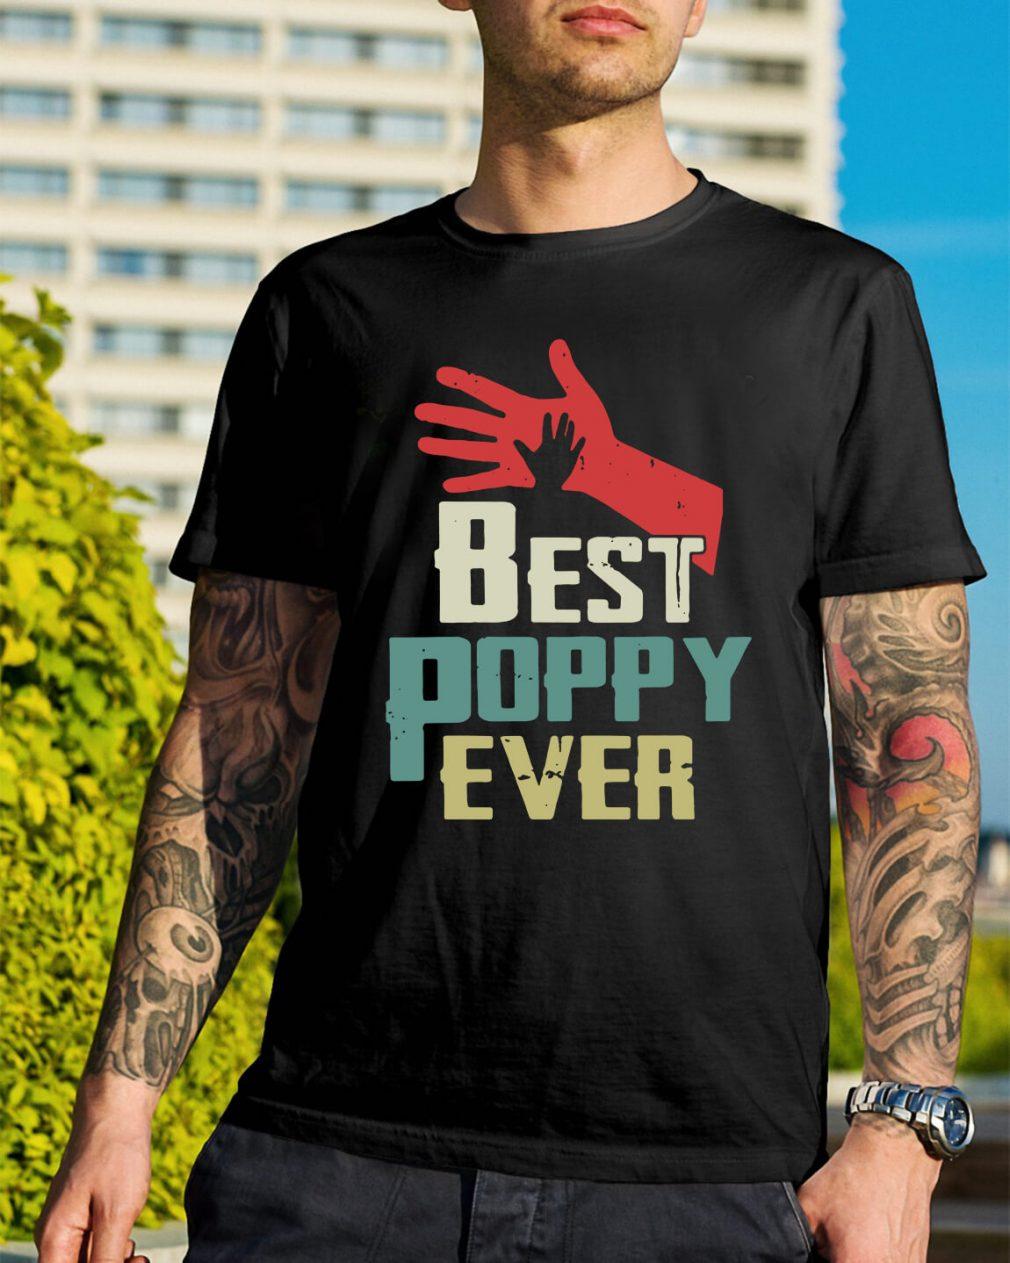 Best Poppy ever shirt